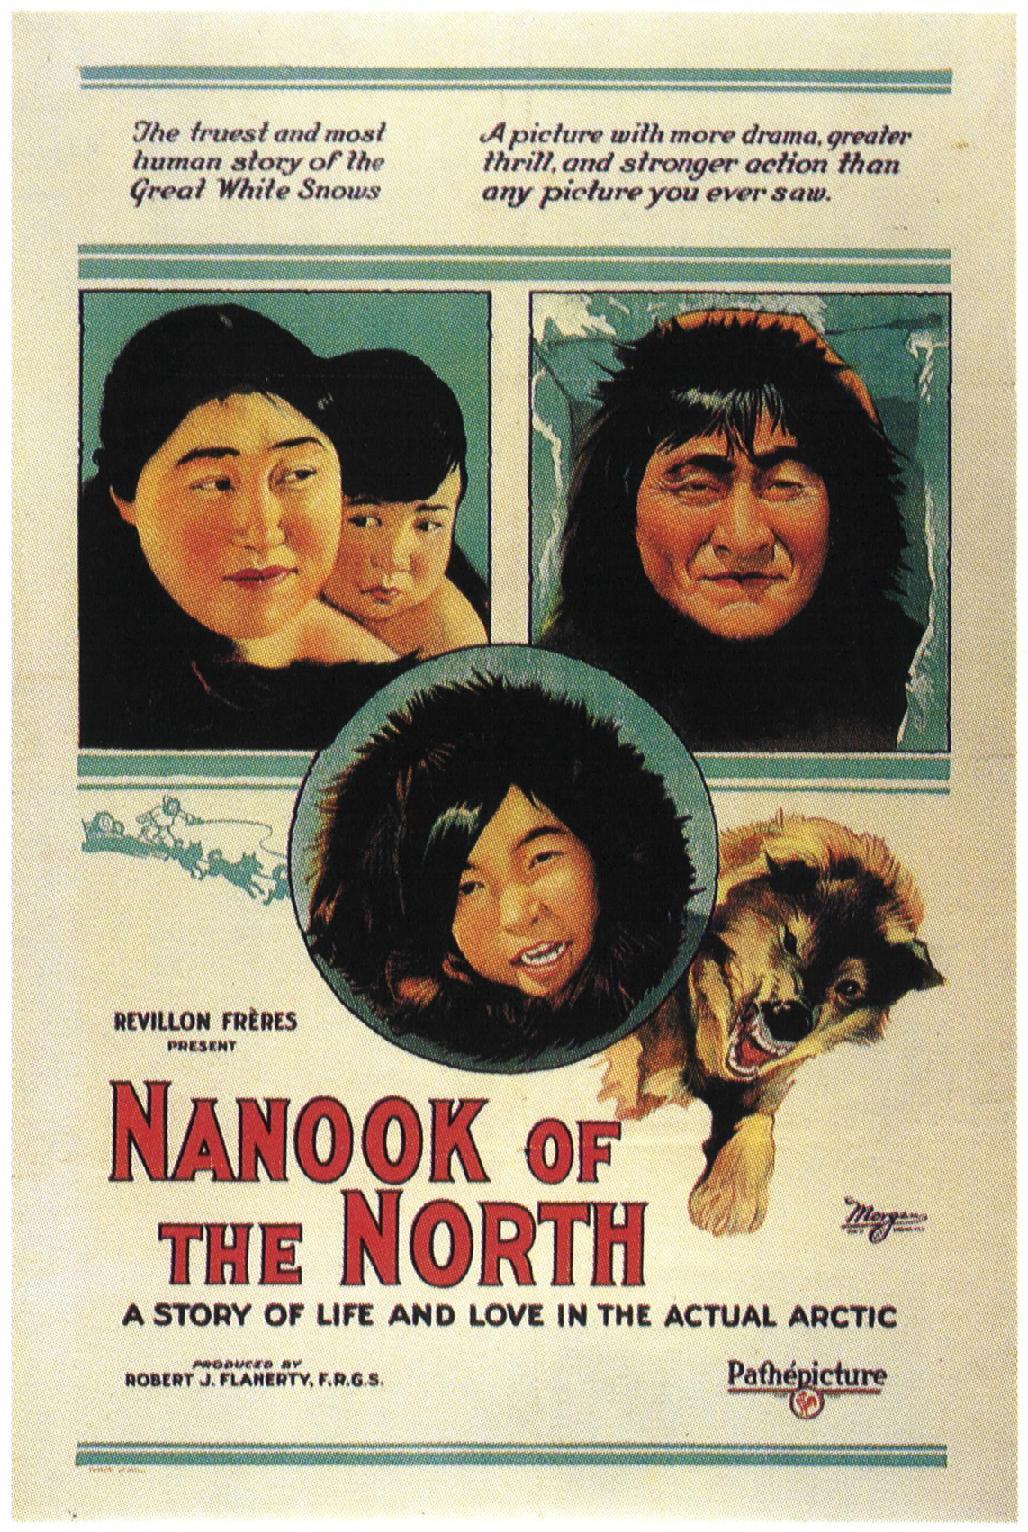 Nanook (Wikipédia)